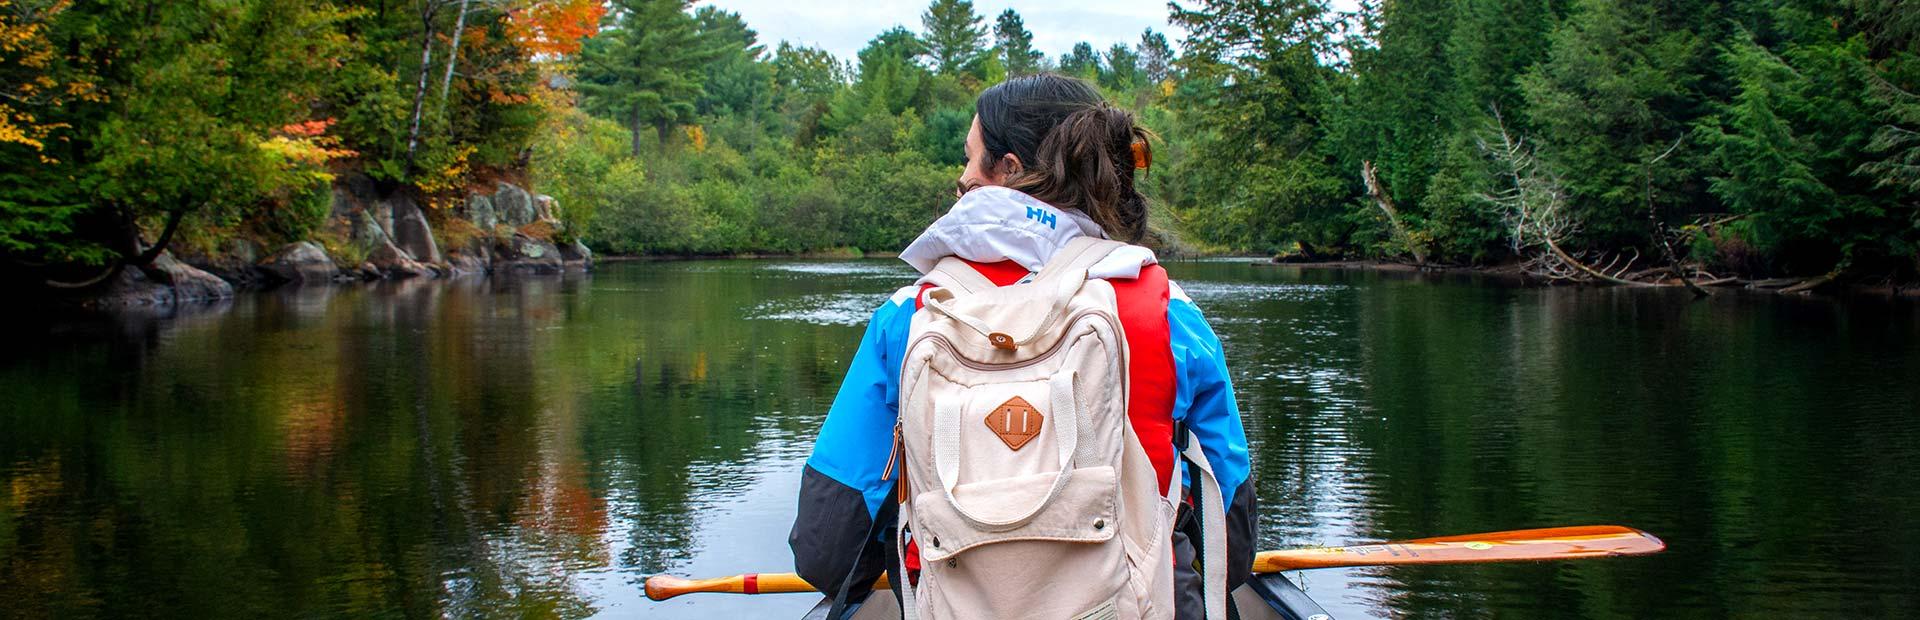 Algonquin Park canoeing